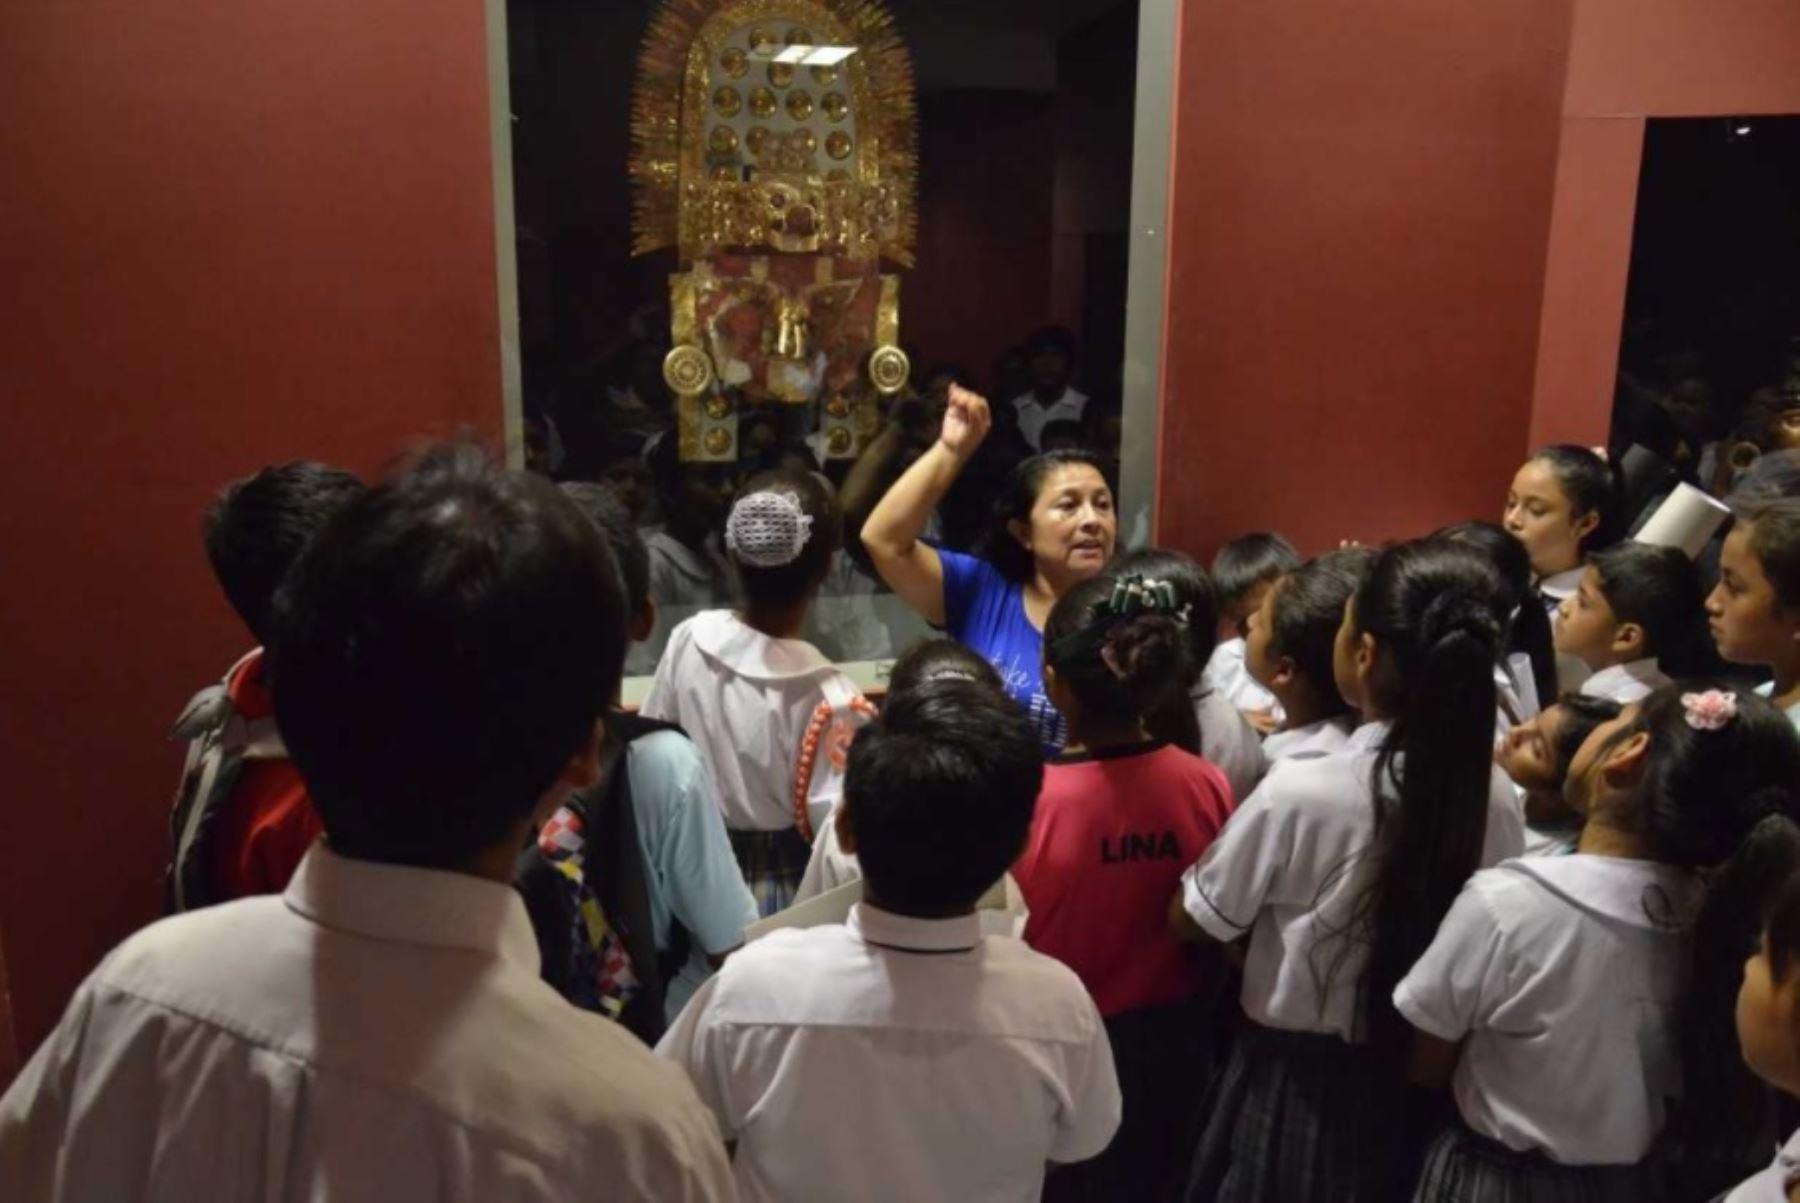 El Museo Nacional Sicán, ubicado en la ciudad de Ferreñafe, reabrió su Sala de Oro y se encuentra preparado para recibir a turistas nacionales y extranjeros que visiten la región Lambayeque durante el fin de semana largo por Fiestas Patrias.